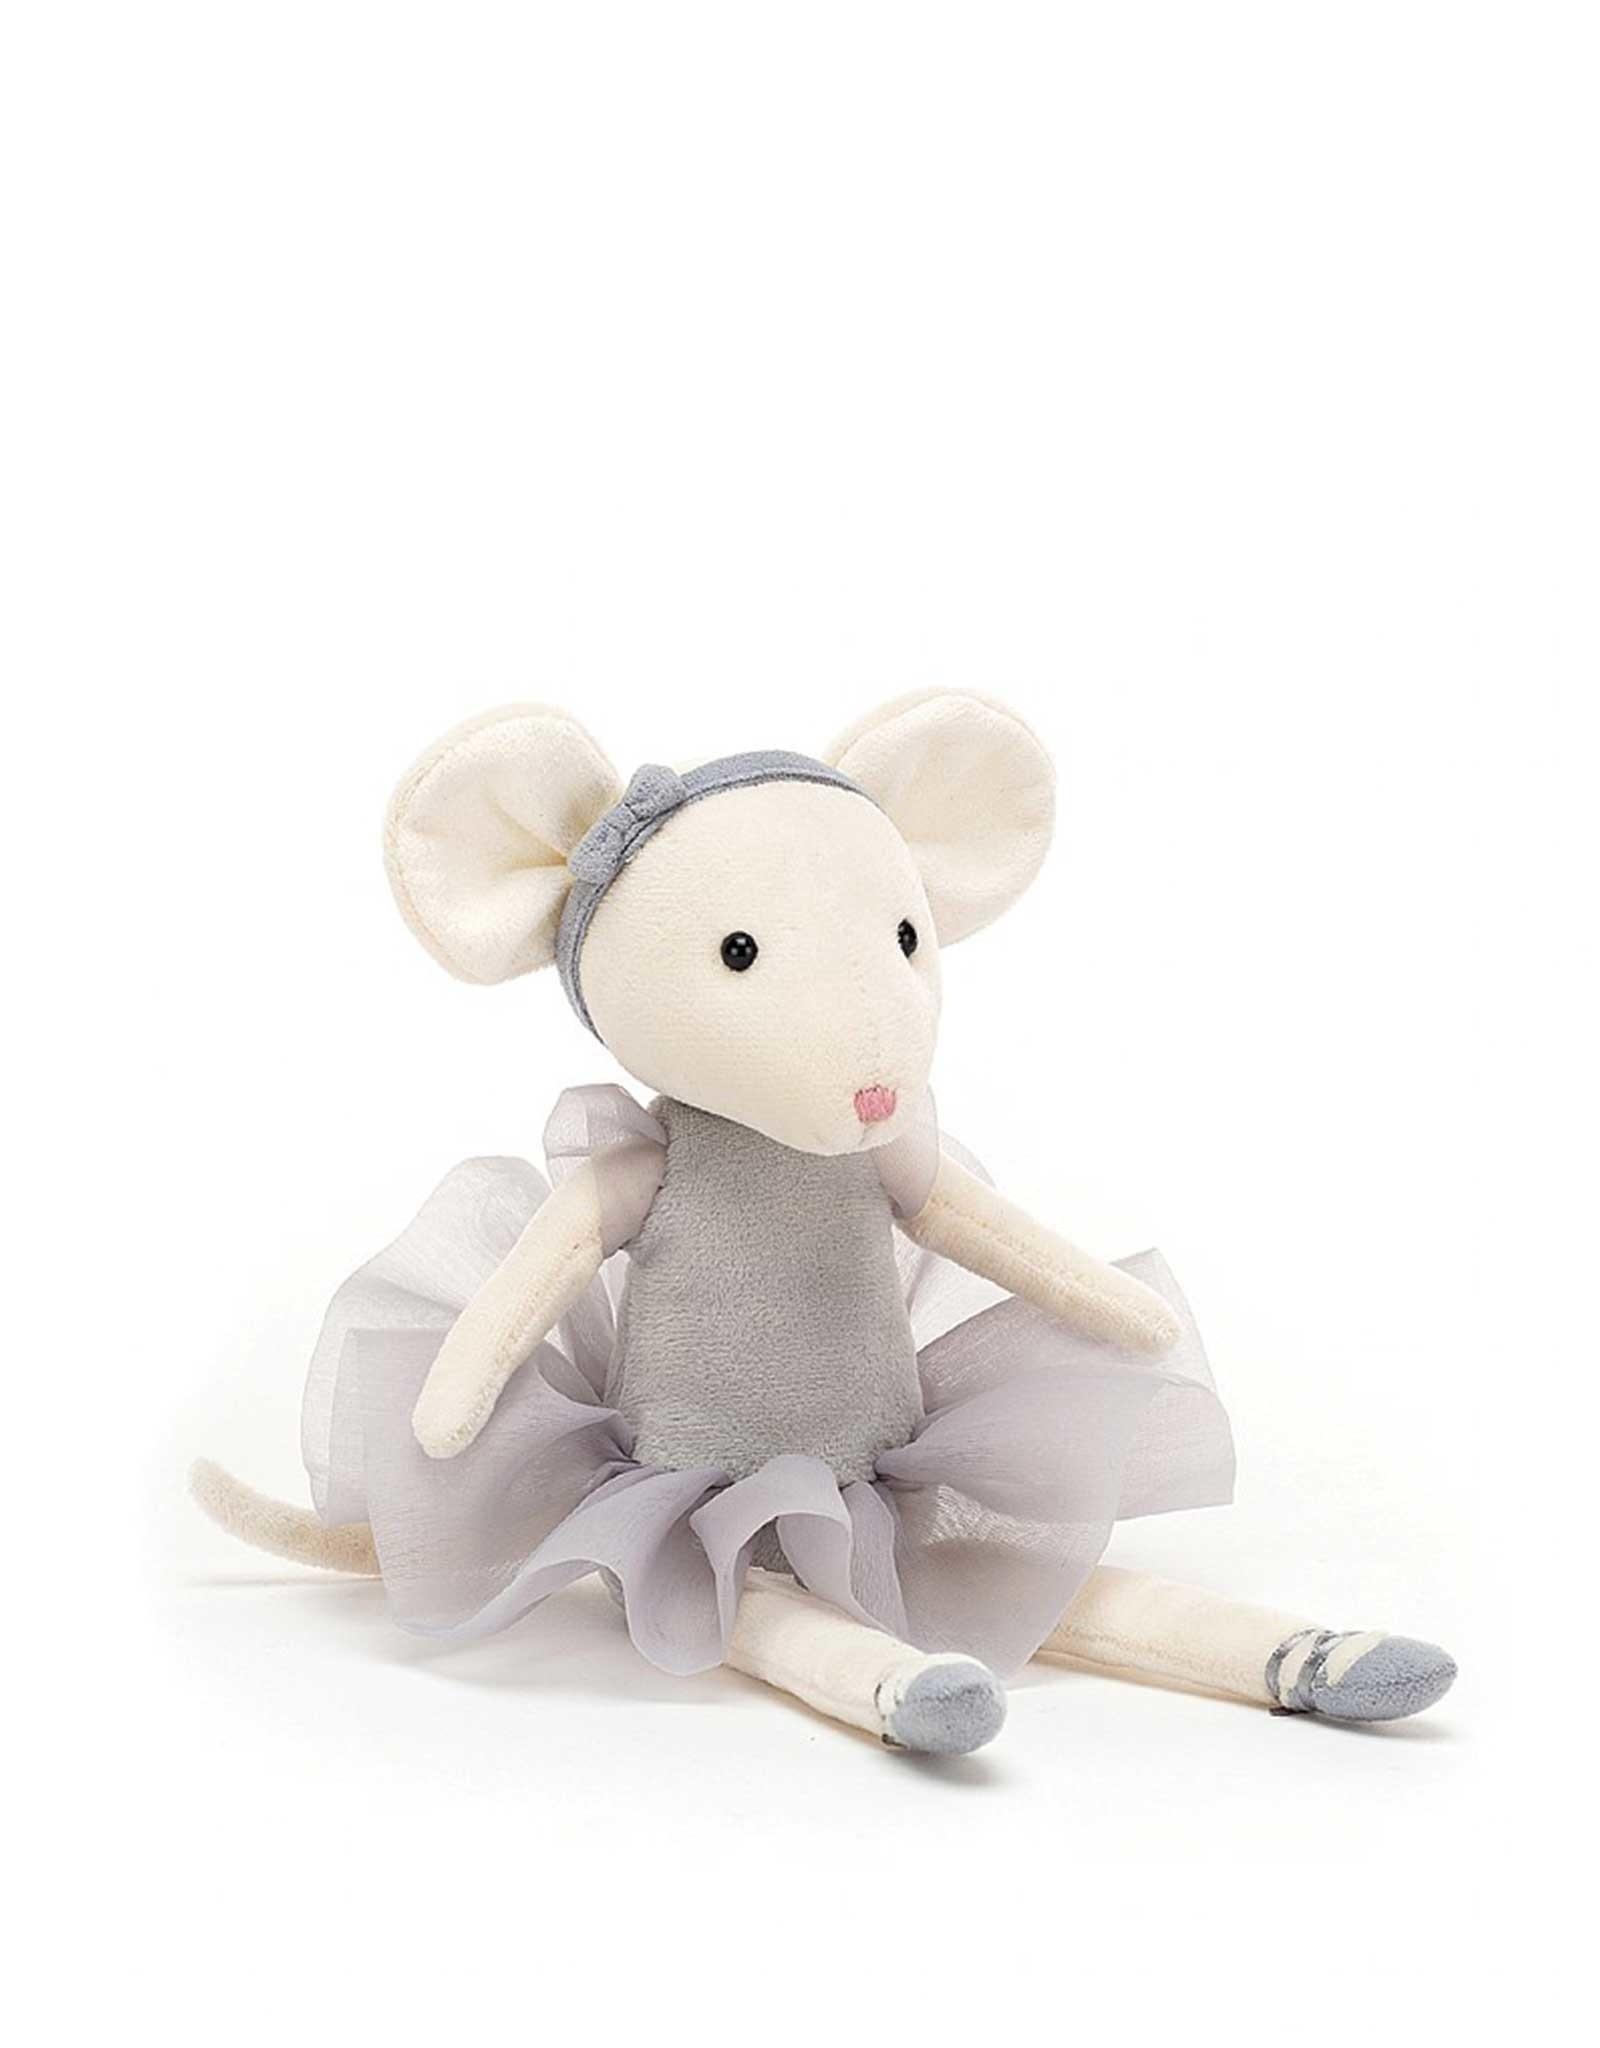 Jelly Cat Peluche - Pirouette la souris grise galet